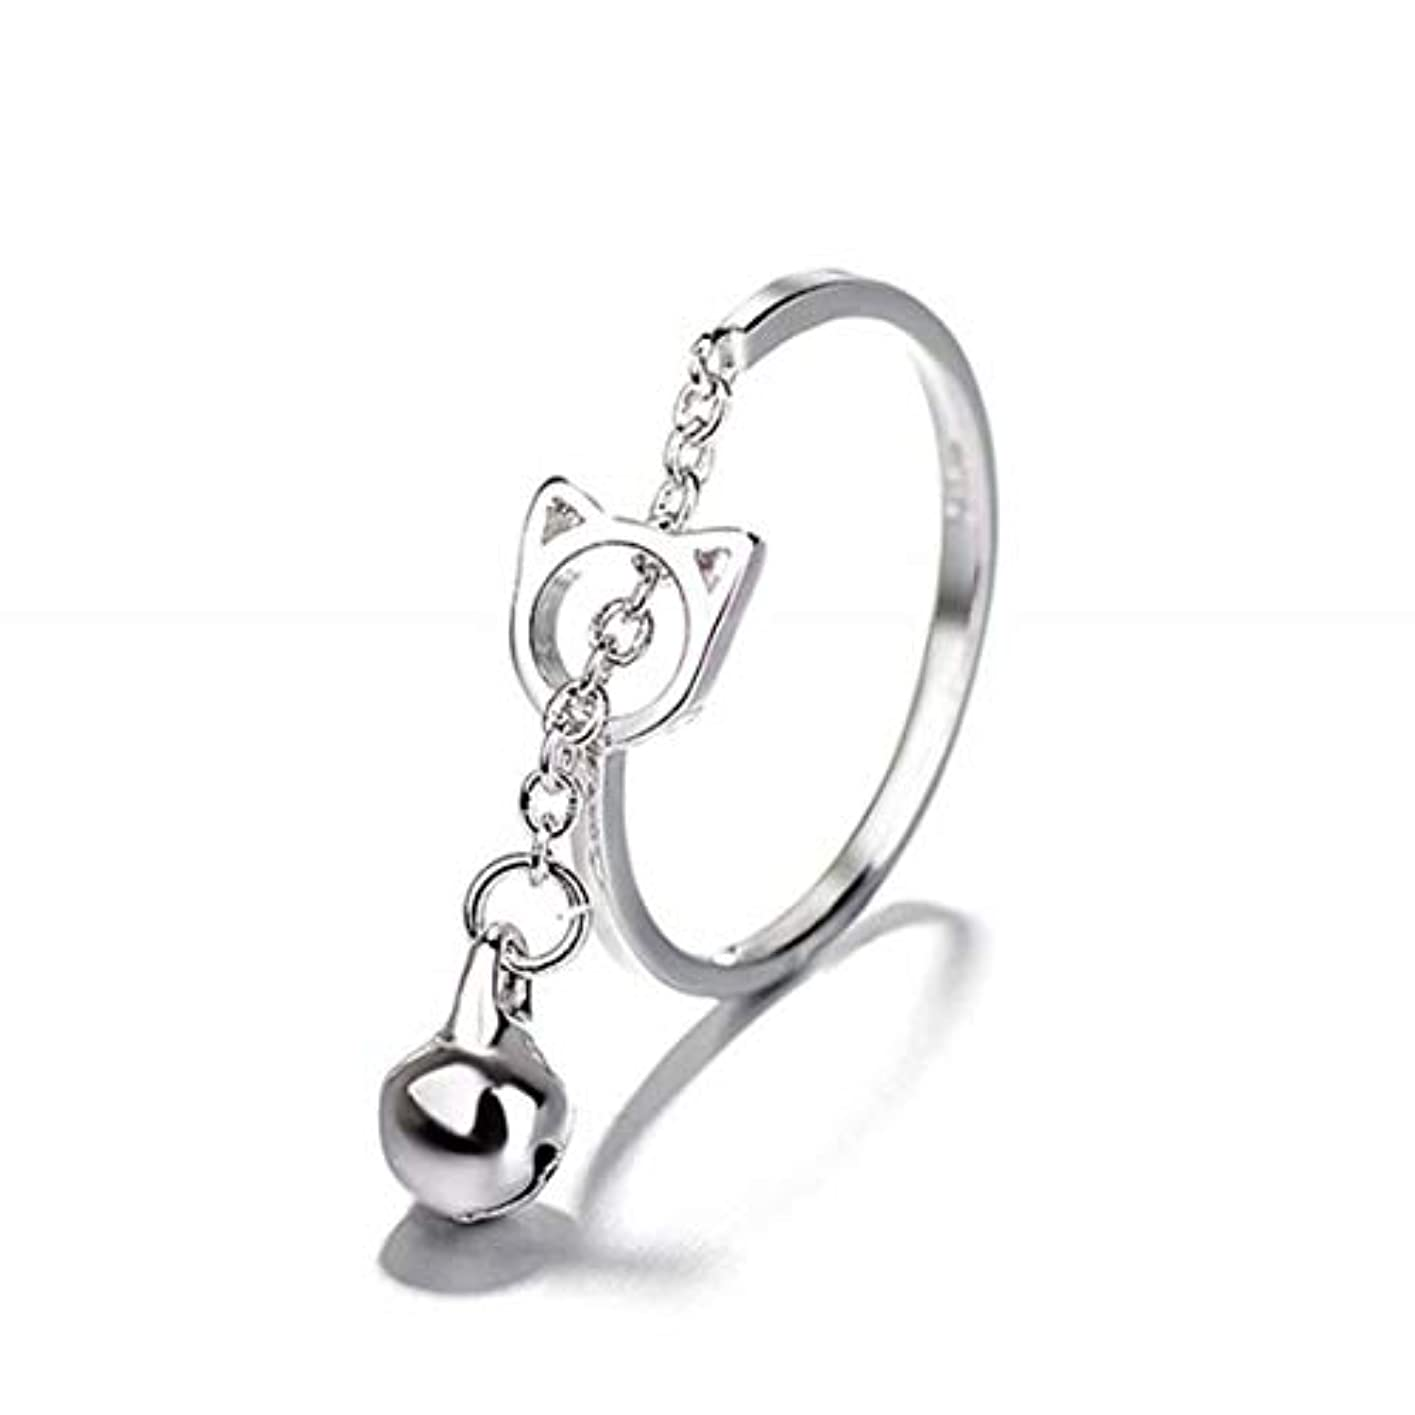 グッゲンハイム美術館料理等価七里の香 キャットベル リング オープンリング 指輪 フリーサイズ リング レディース 結婚 リング アクセサリー 記念日誕生日 バレンタイン プレゼント